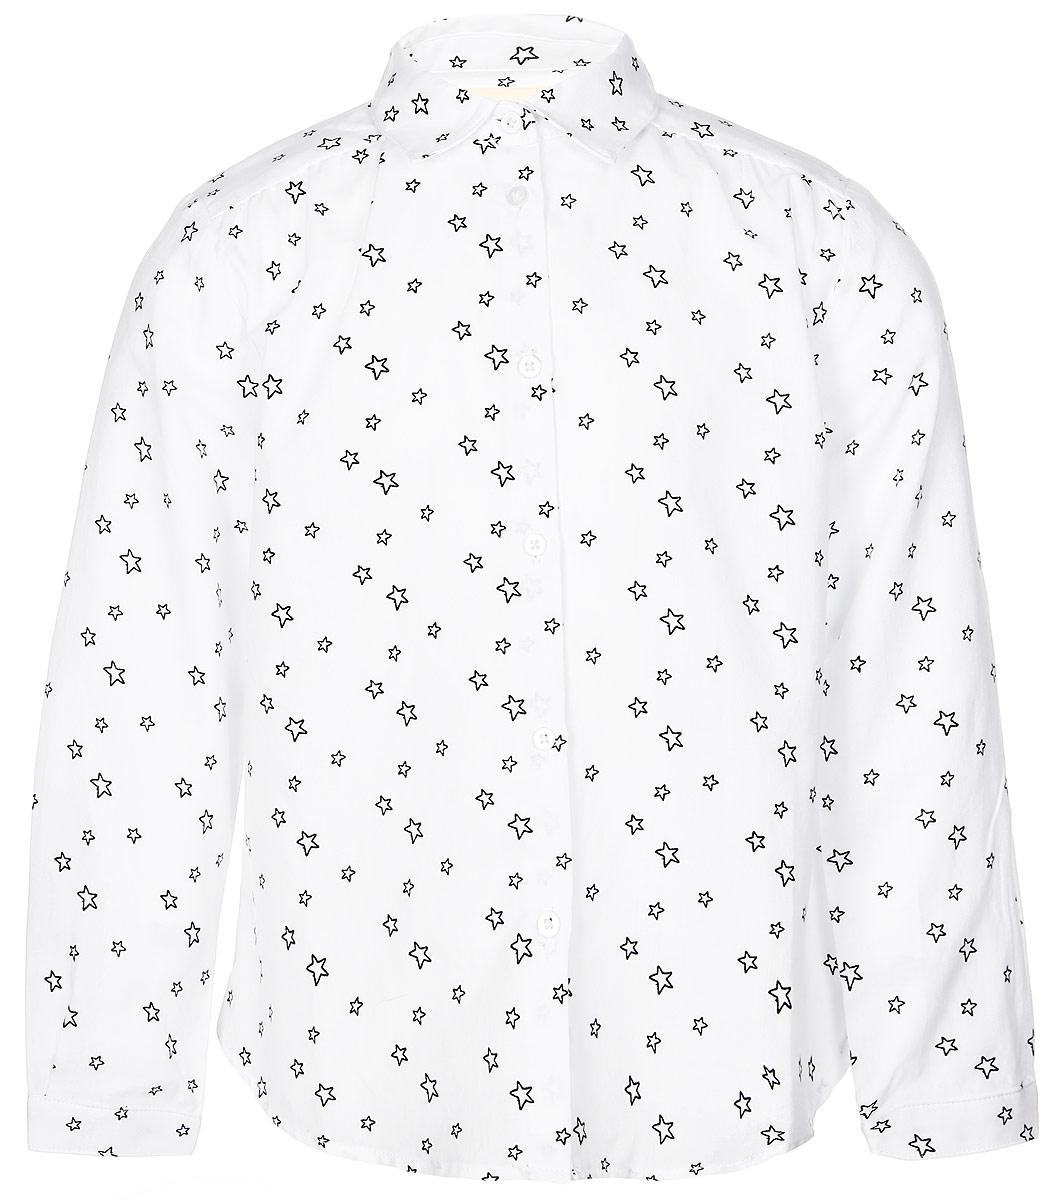 216BBGC22010201Стильная рубашка Button Blue выполнена из натурального 100% хлопка. Модель свободного трапециевидного кроя с длинными рукавами и отложным воротником застегивается на пуговицы по всей длине и оформлена оригинальным звездным принтом. На манжетах предусмотрены застежки-пуговицы. Спинка немного удлинена.